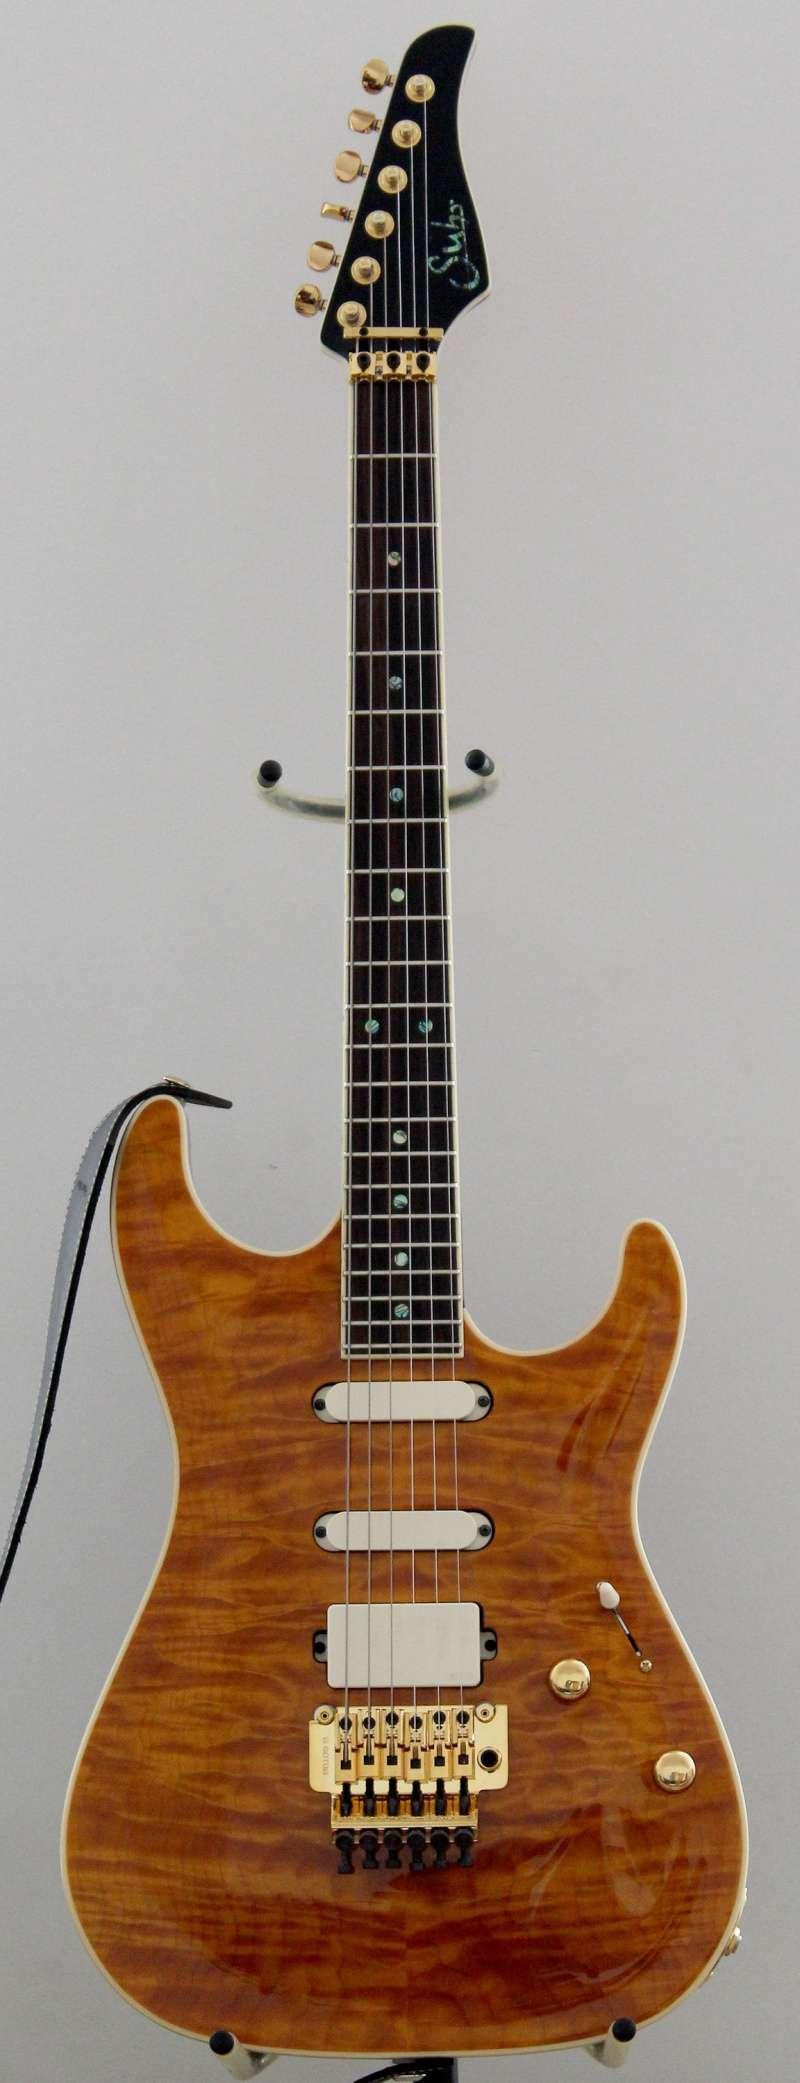 Photos de vos guitares. - Page 39 Suhr_m10